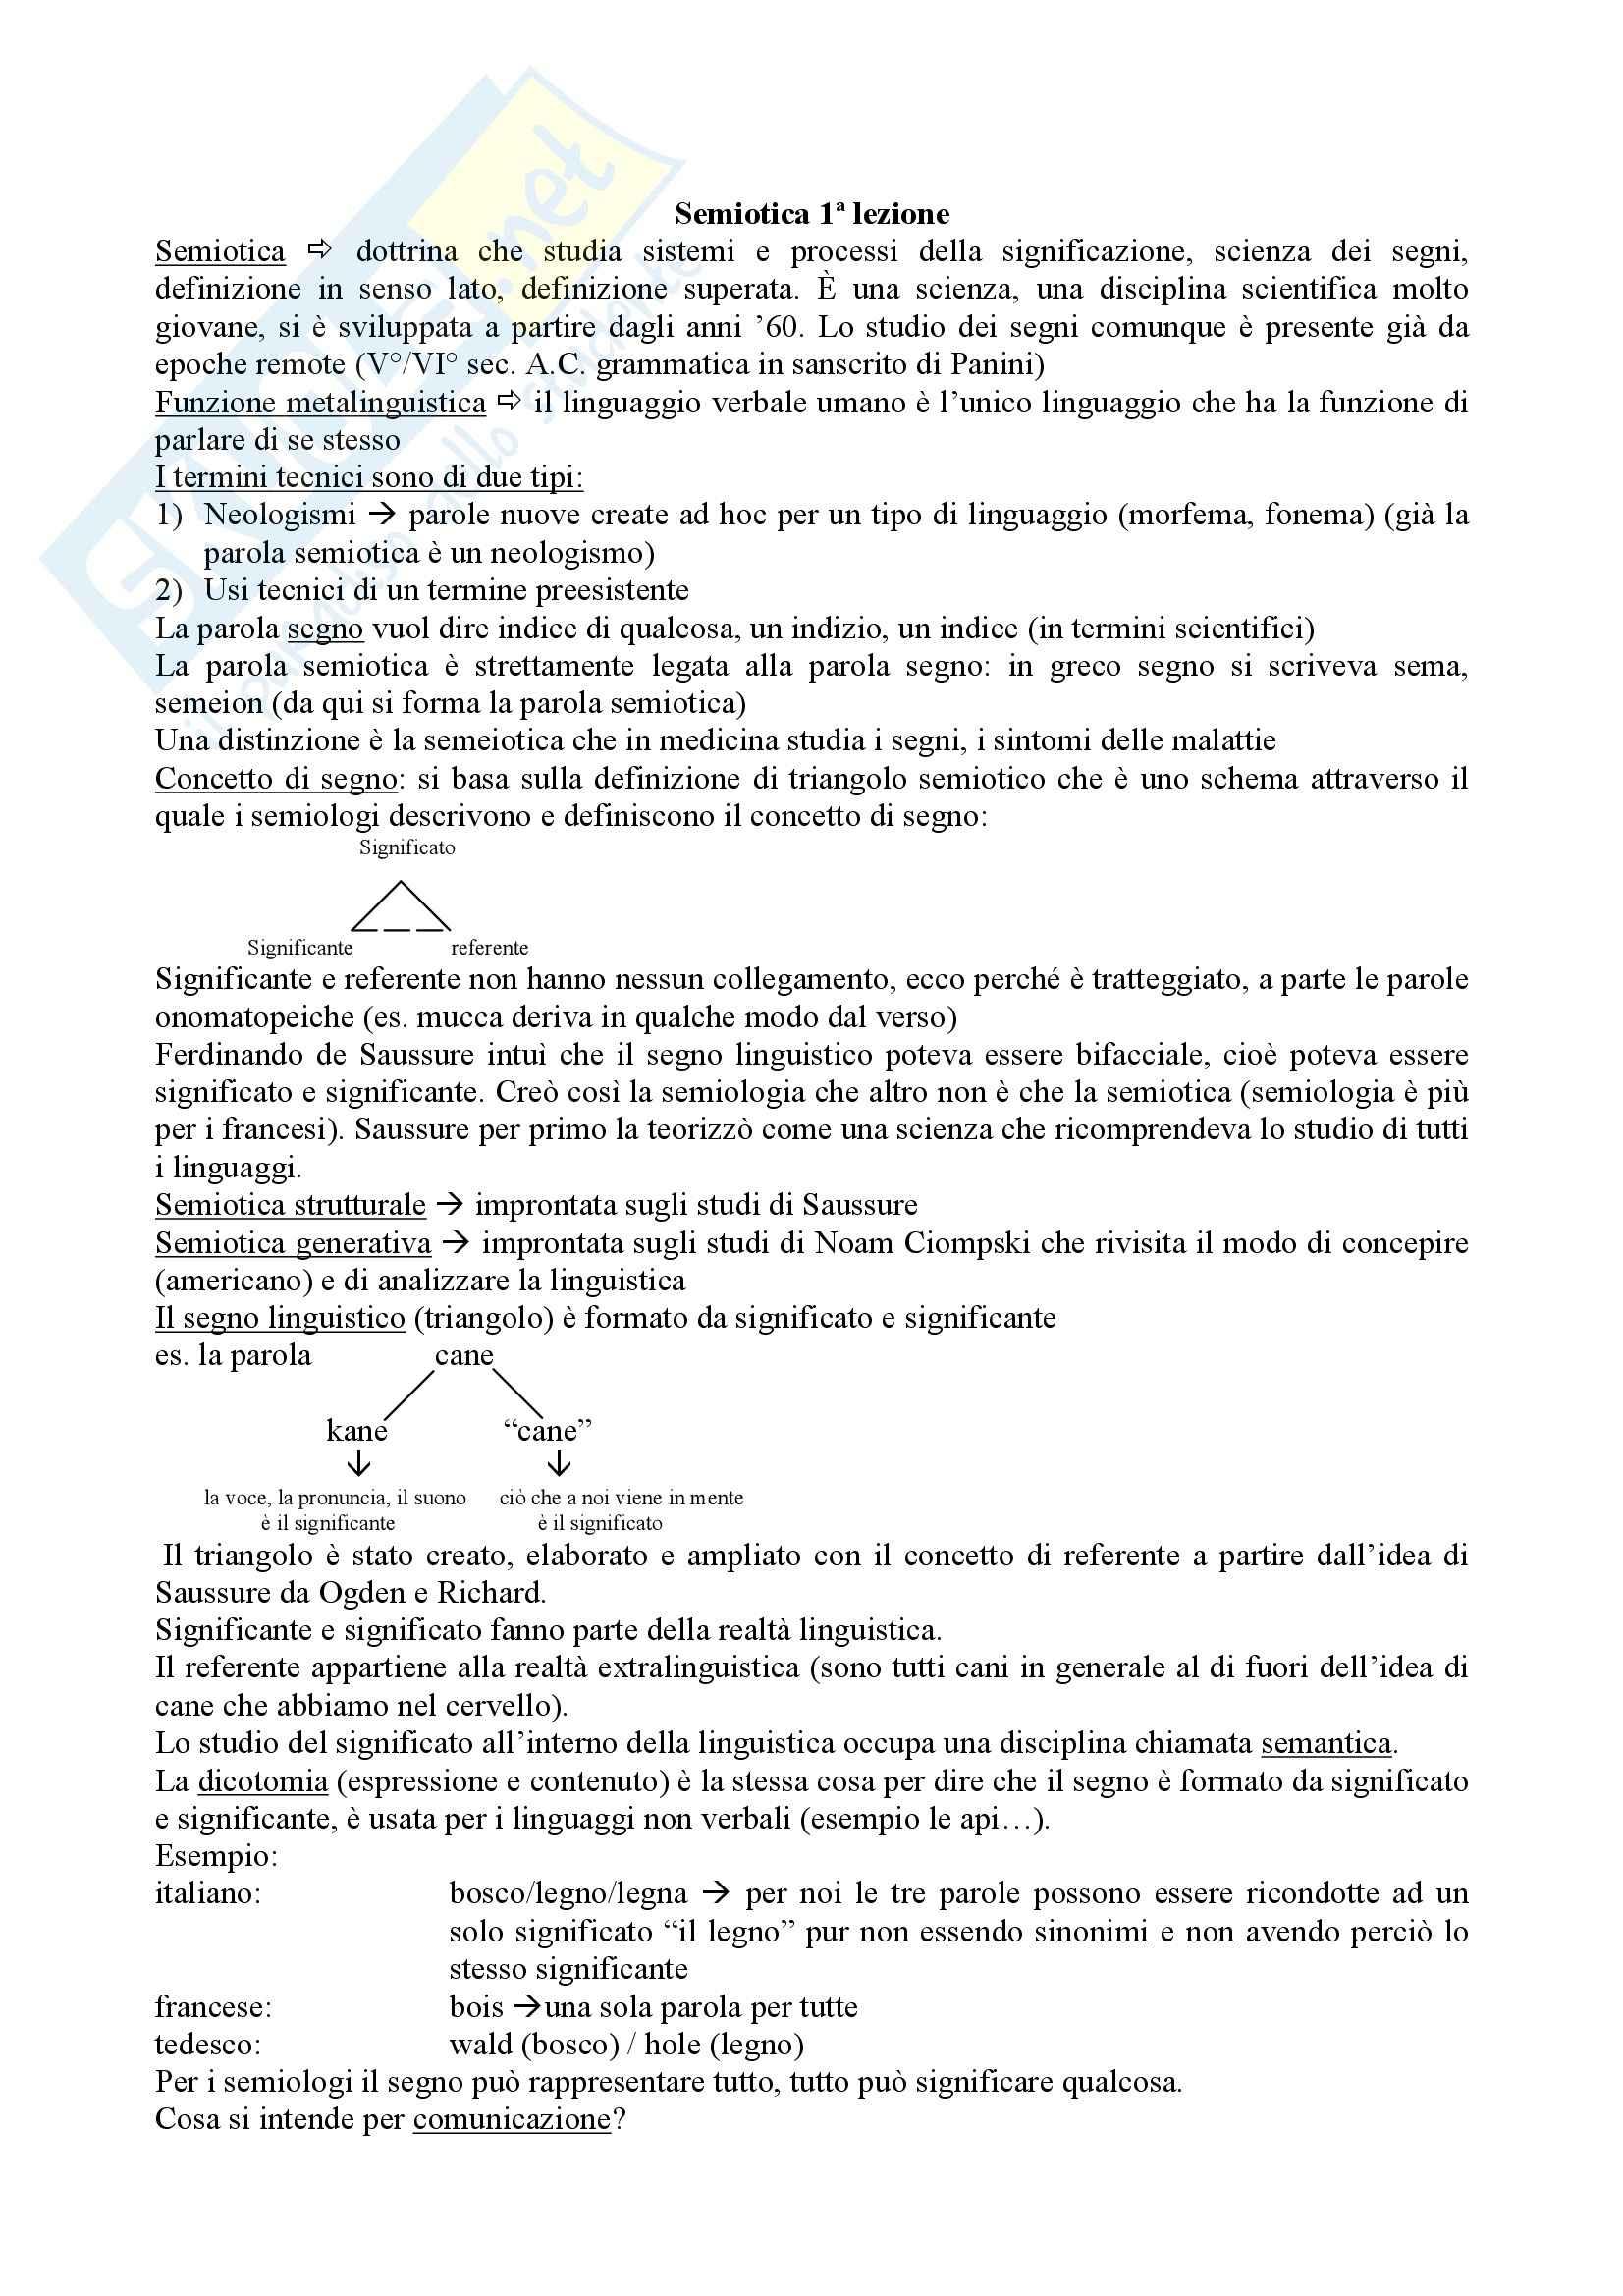 Semiotica - appunti lezioni significato significante, saussure, peirce, quadrato semiotico